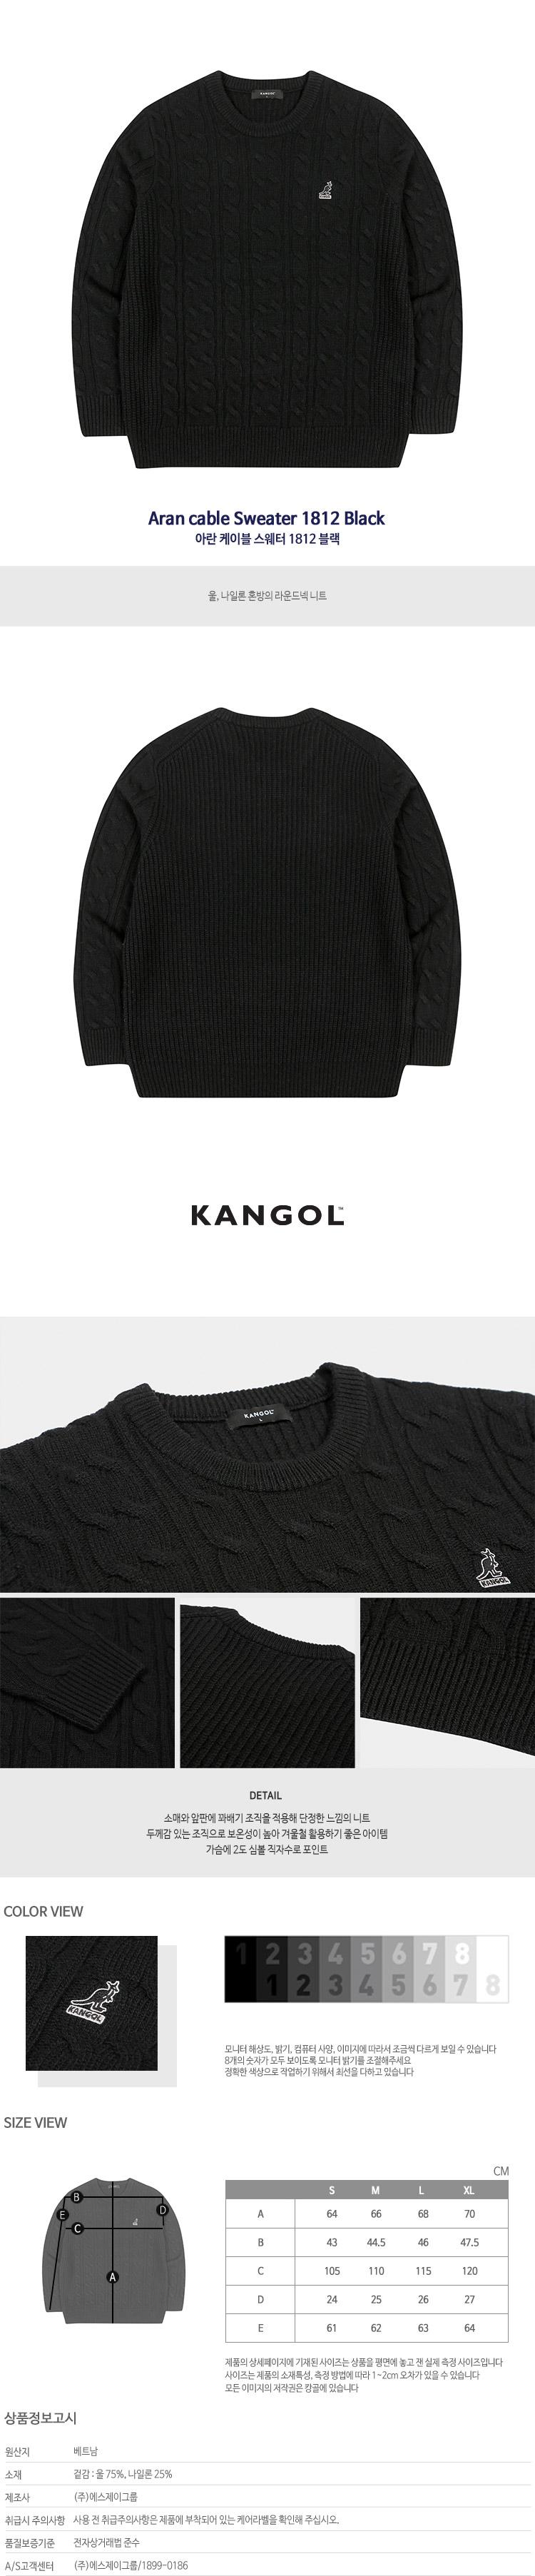 캉골(KANGOL) Aran cable Sweater 1812 BLACK